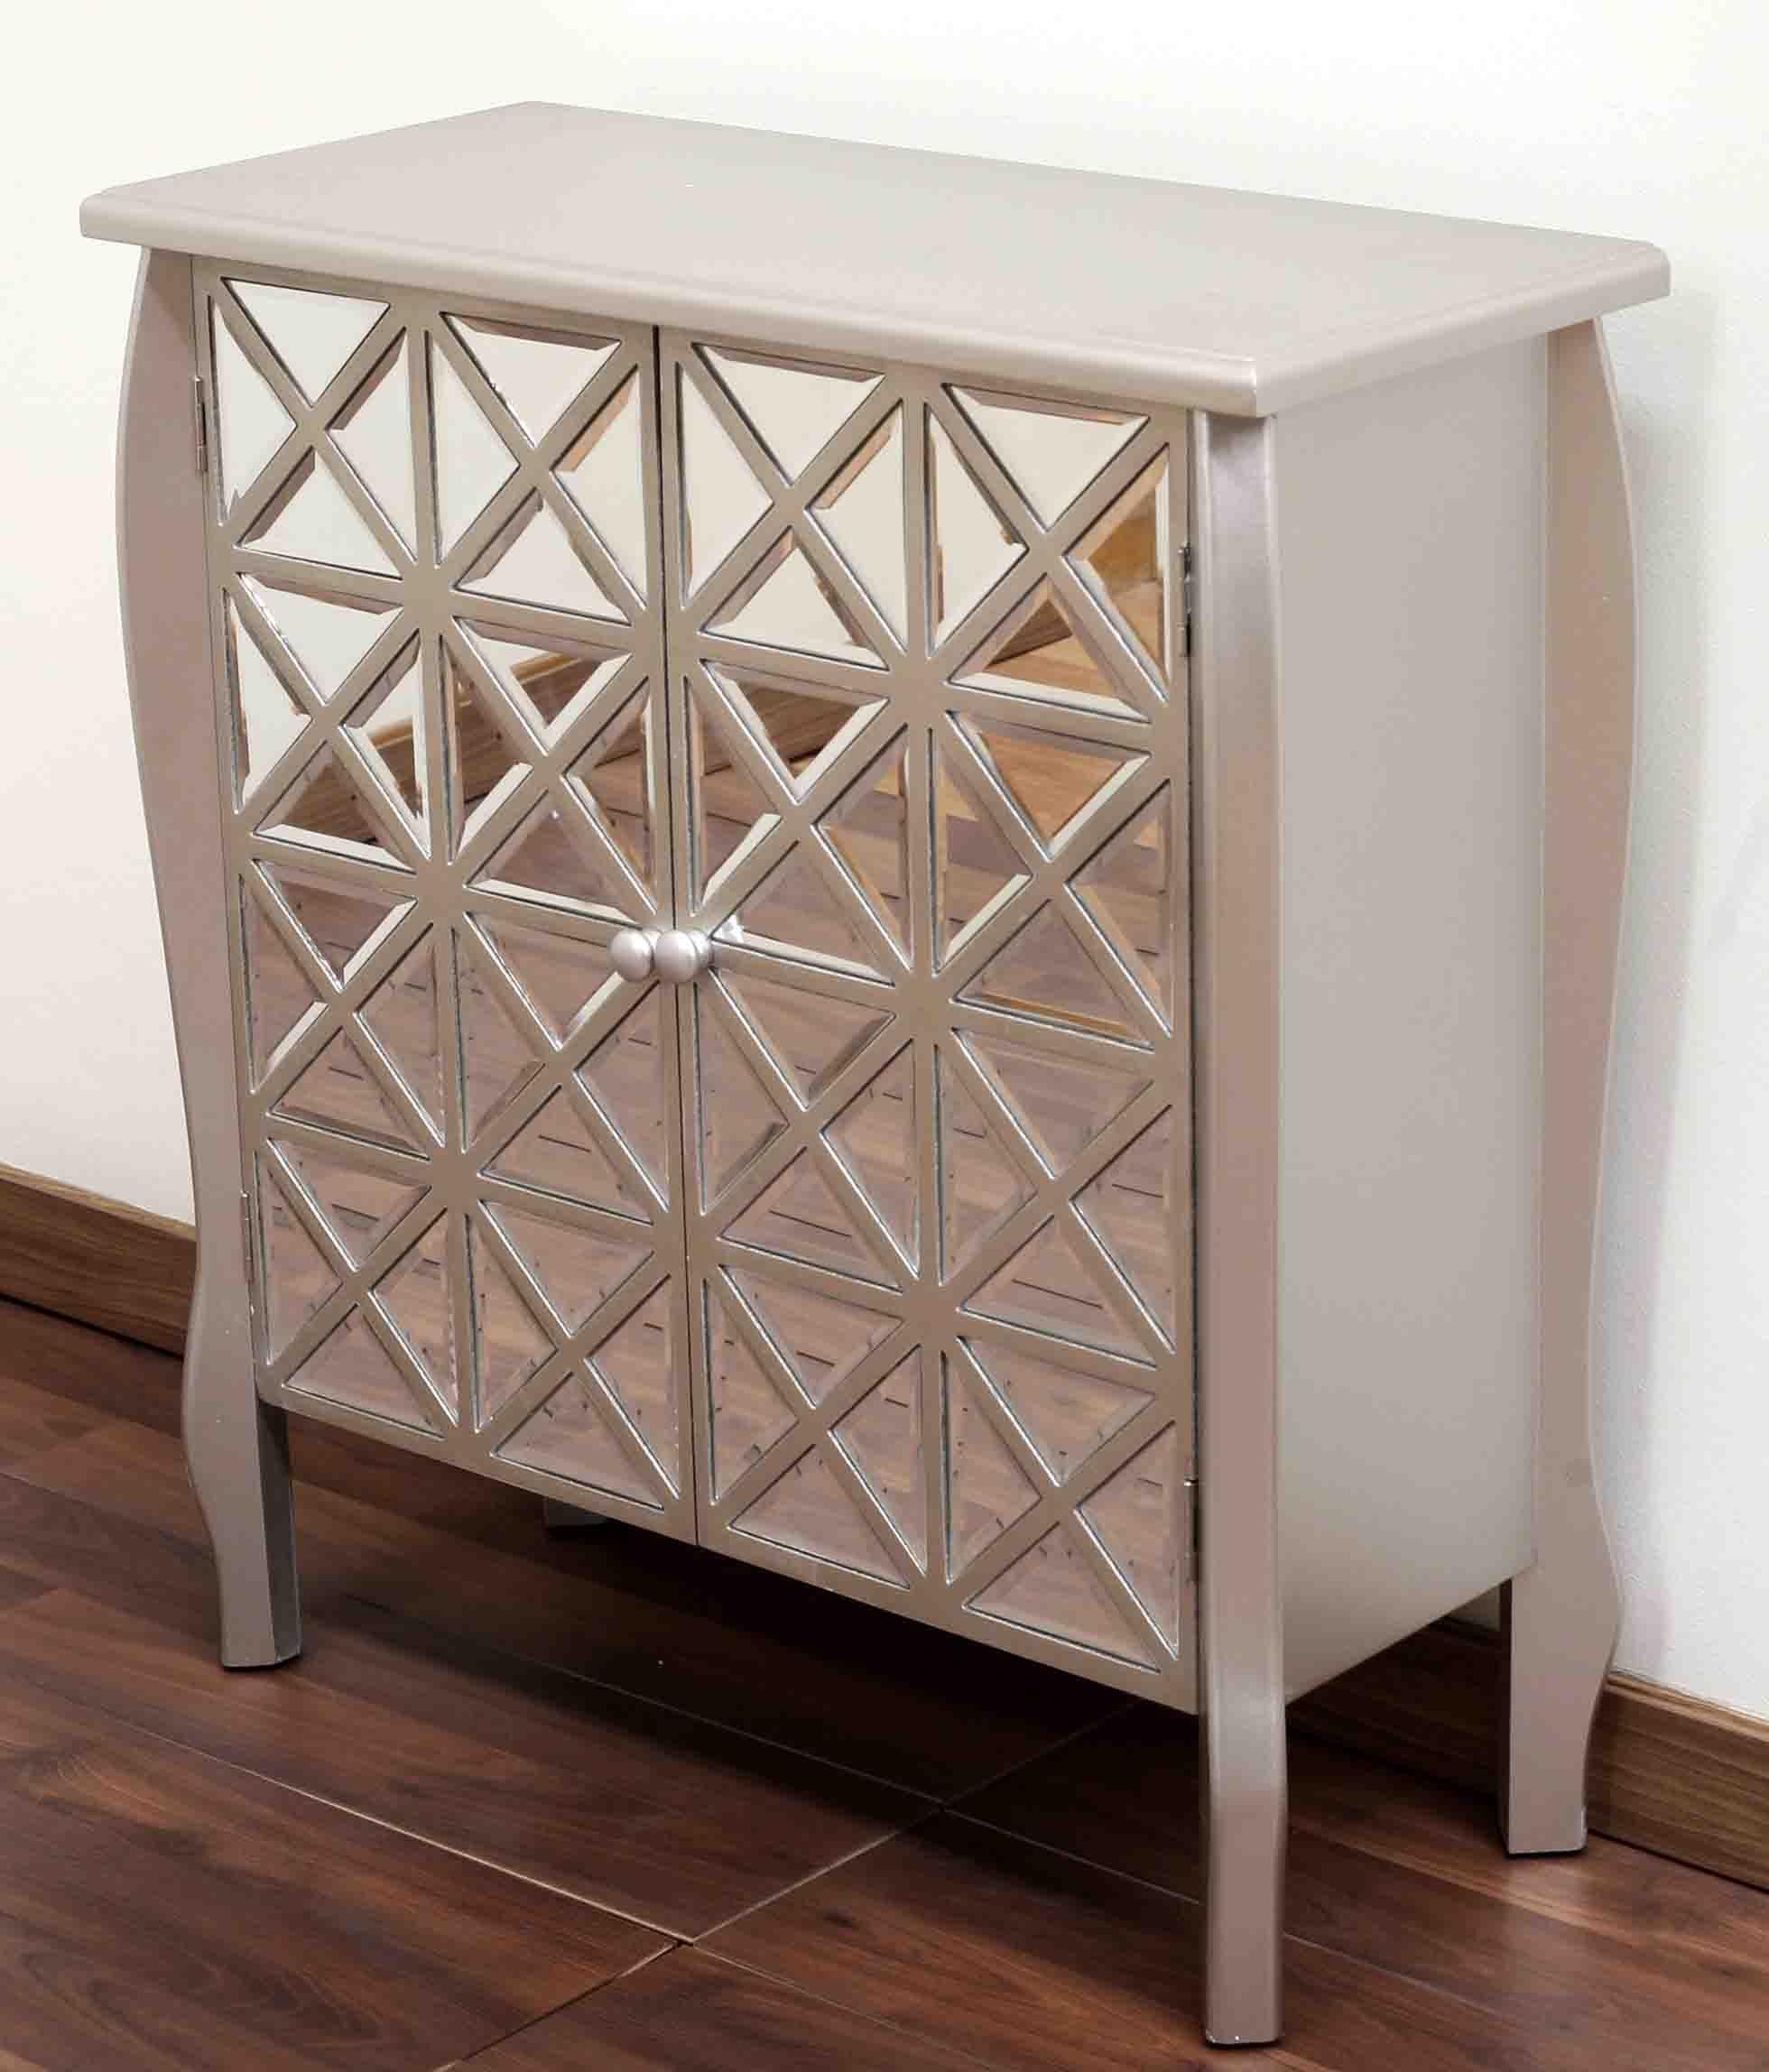 Producto 95257 Mueble Espejo Plata 77 82 32 2 Puertas Caimana  # Caimana Muebles Y Decoracion